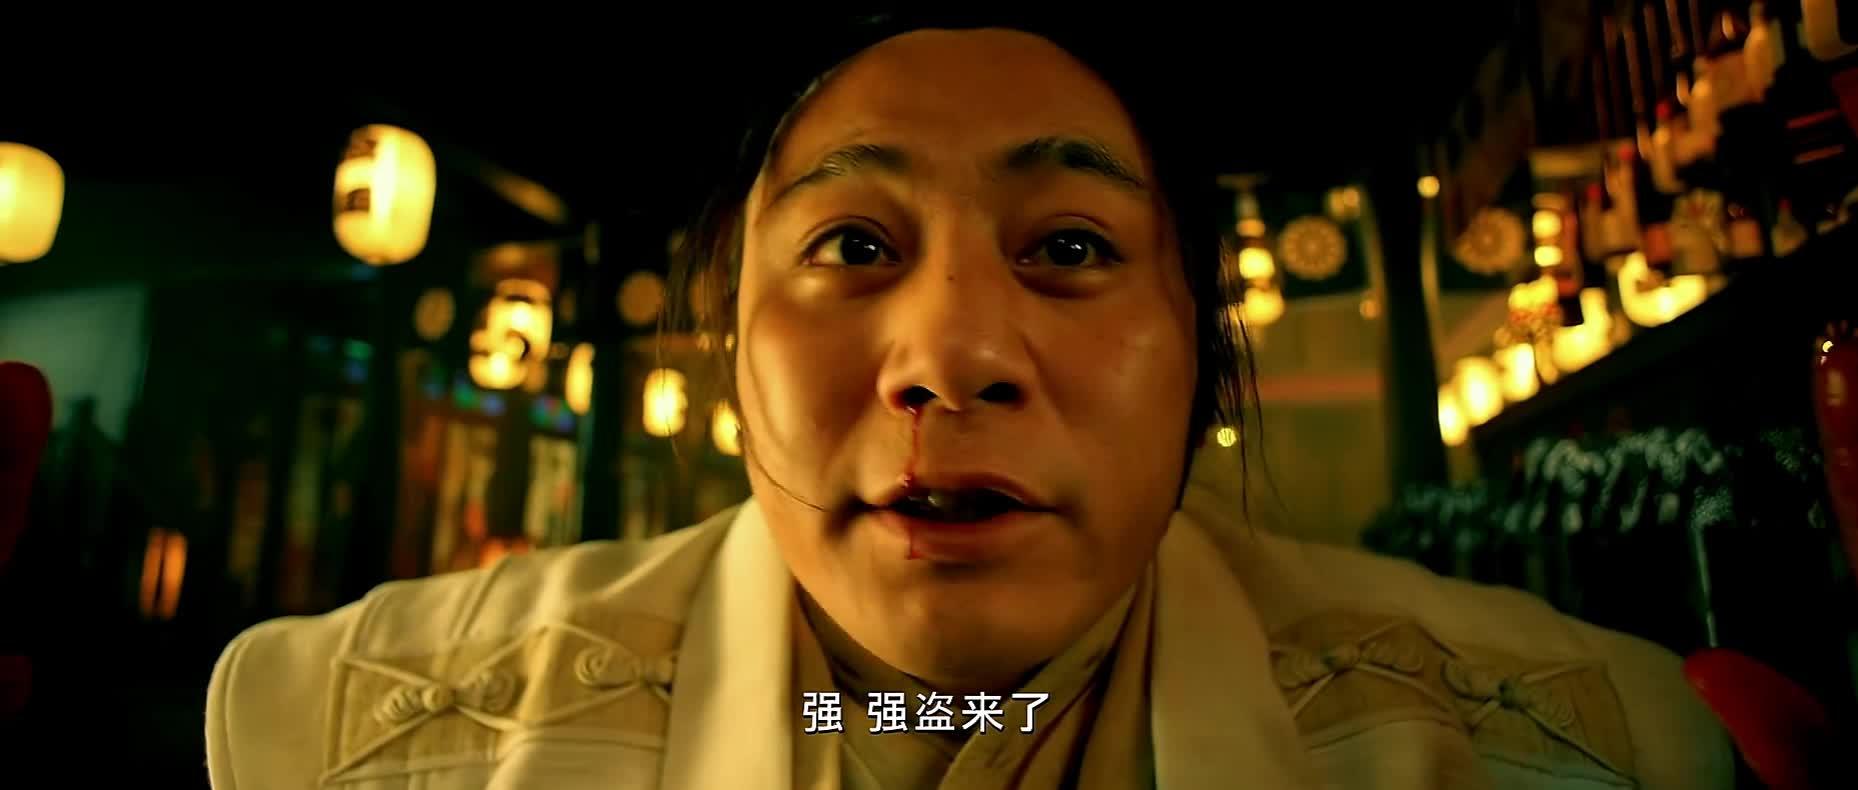 #经典看电影#打劫遇上日本人,真的是太倒霉了吧。